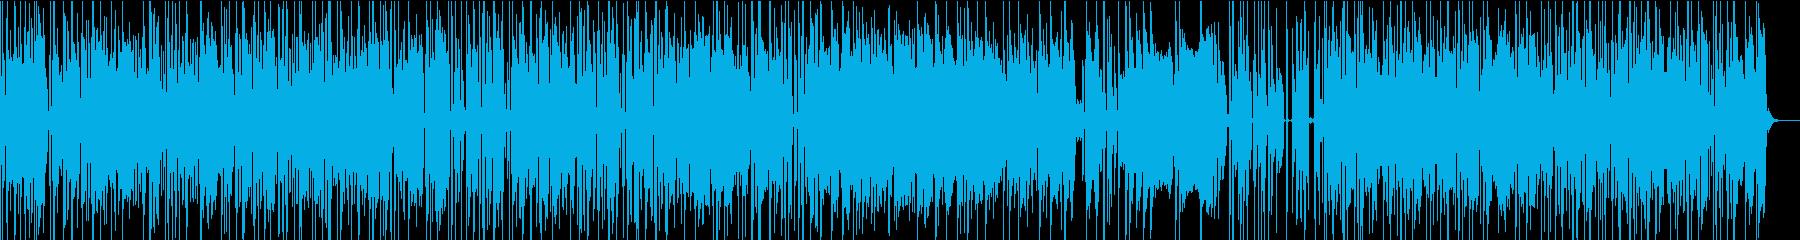 アメリカの青空でハッピーなポップスの再生済みの波形